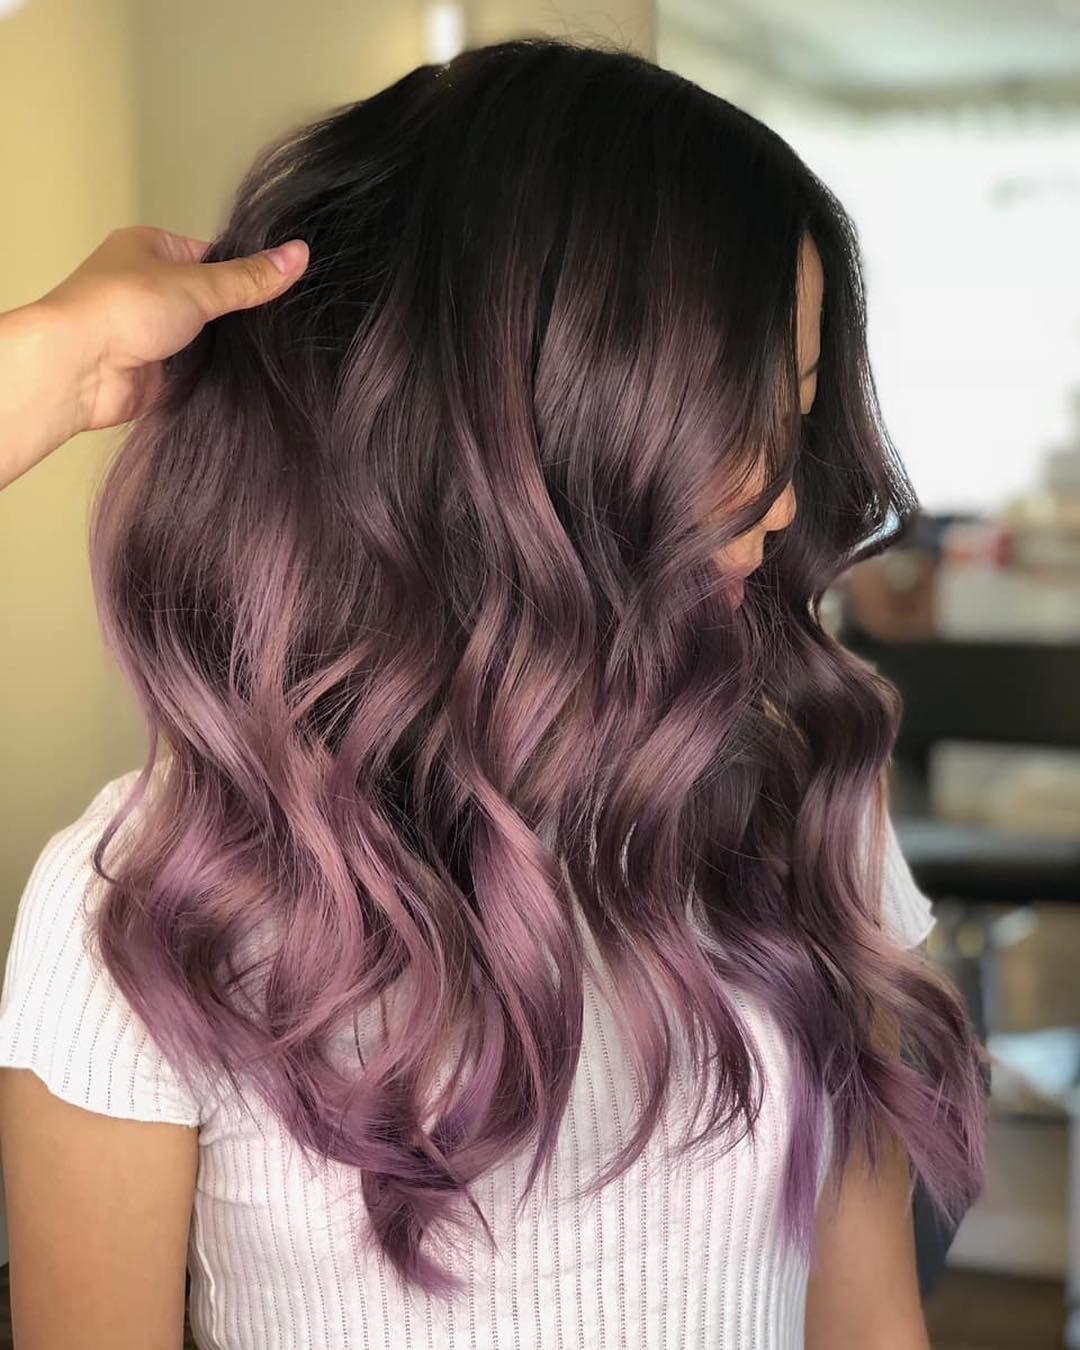 Hairbesties Community On Instagram Hairbestie Hairbykellan Dusty Lavender Using All Guytang Mydentity Gu Spring Hair Color Balayage Hair Hair Styles